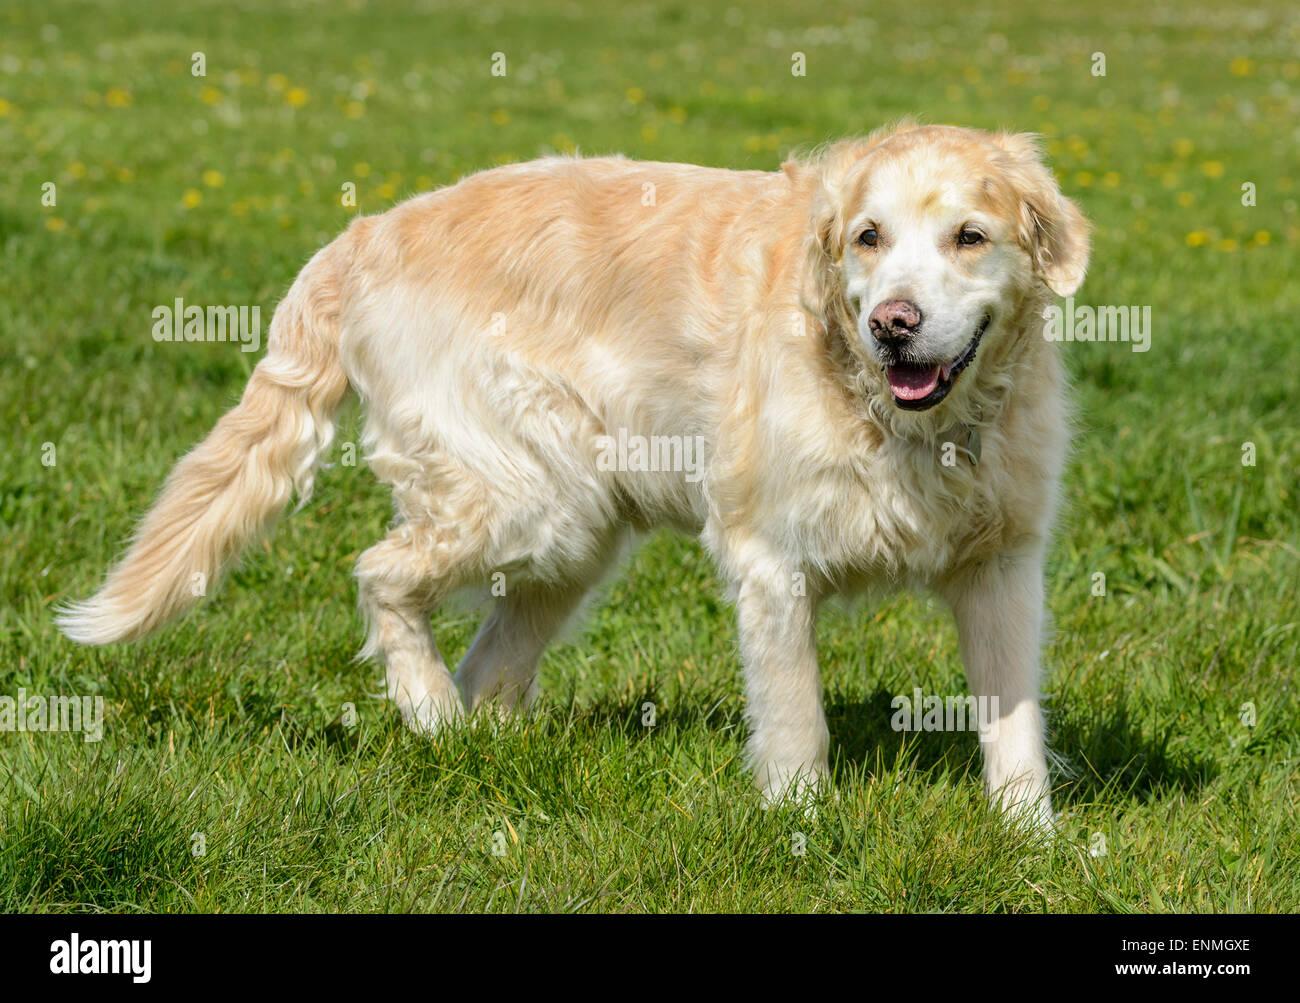 Vue latérale d'un golden retriever du Labrador chien dans un parc. Banque D'Images